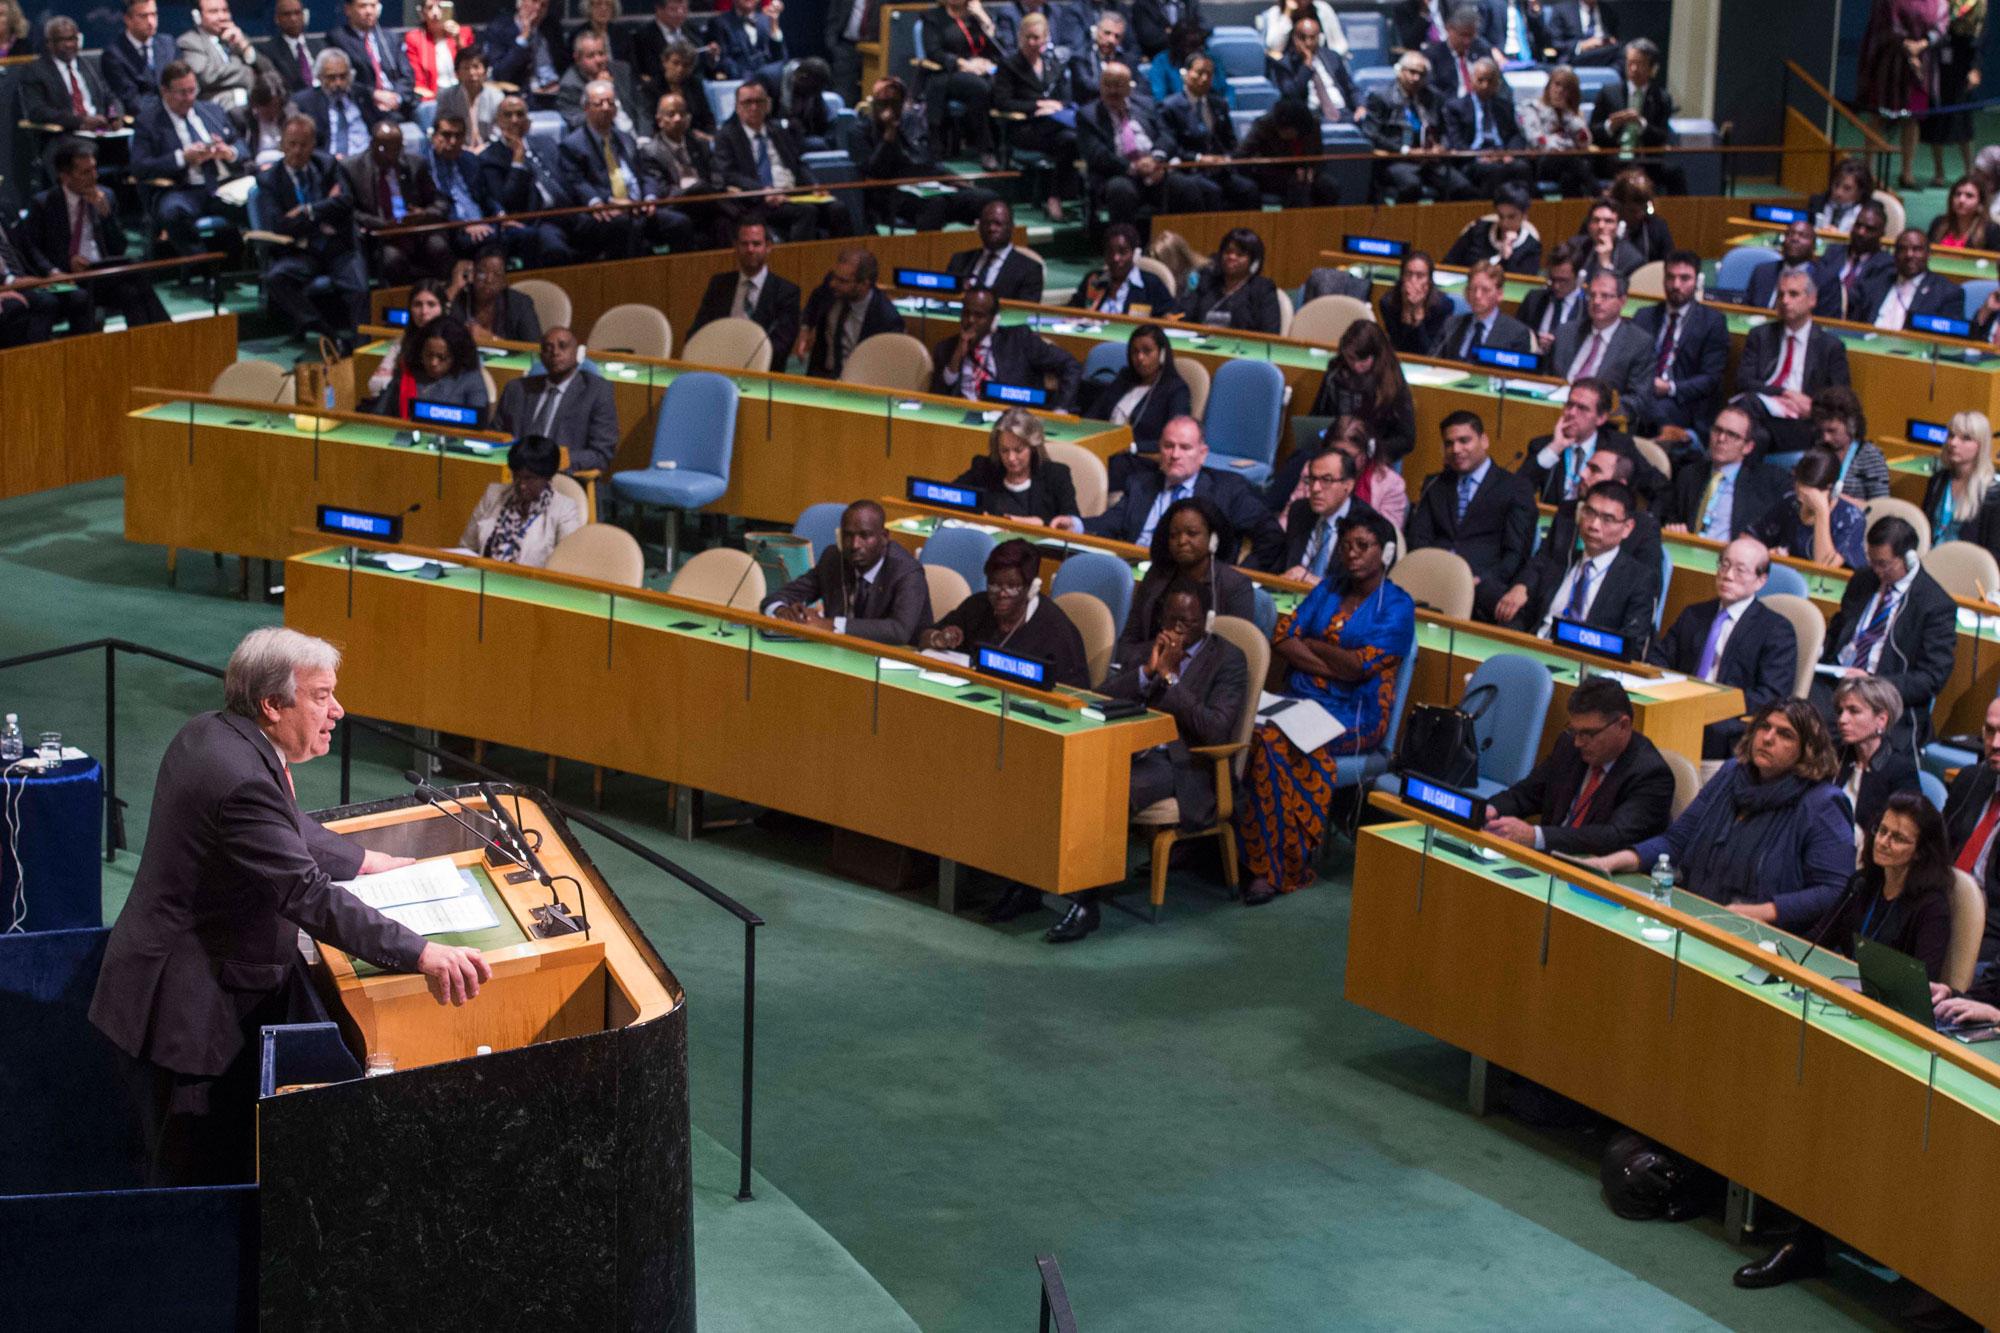 Выступления Антониу Гуттериша в ООН всегда становились заметными событиями. Источник http://static.un.org/.